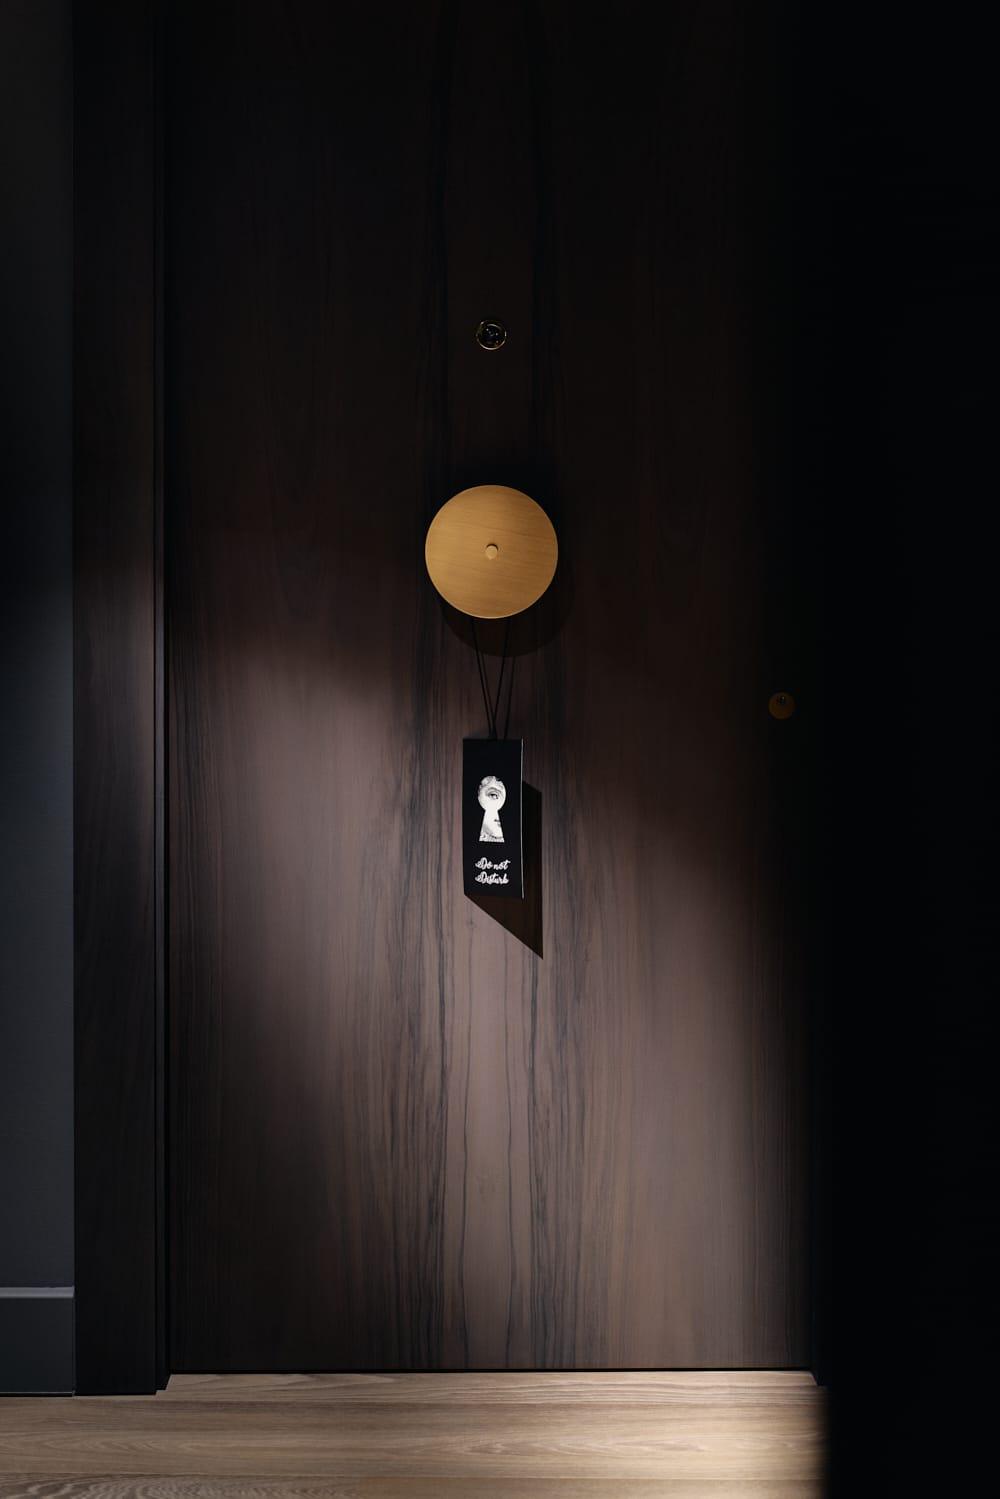 yarmush-interiors-h15-2002252321-1185 1